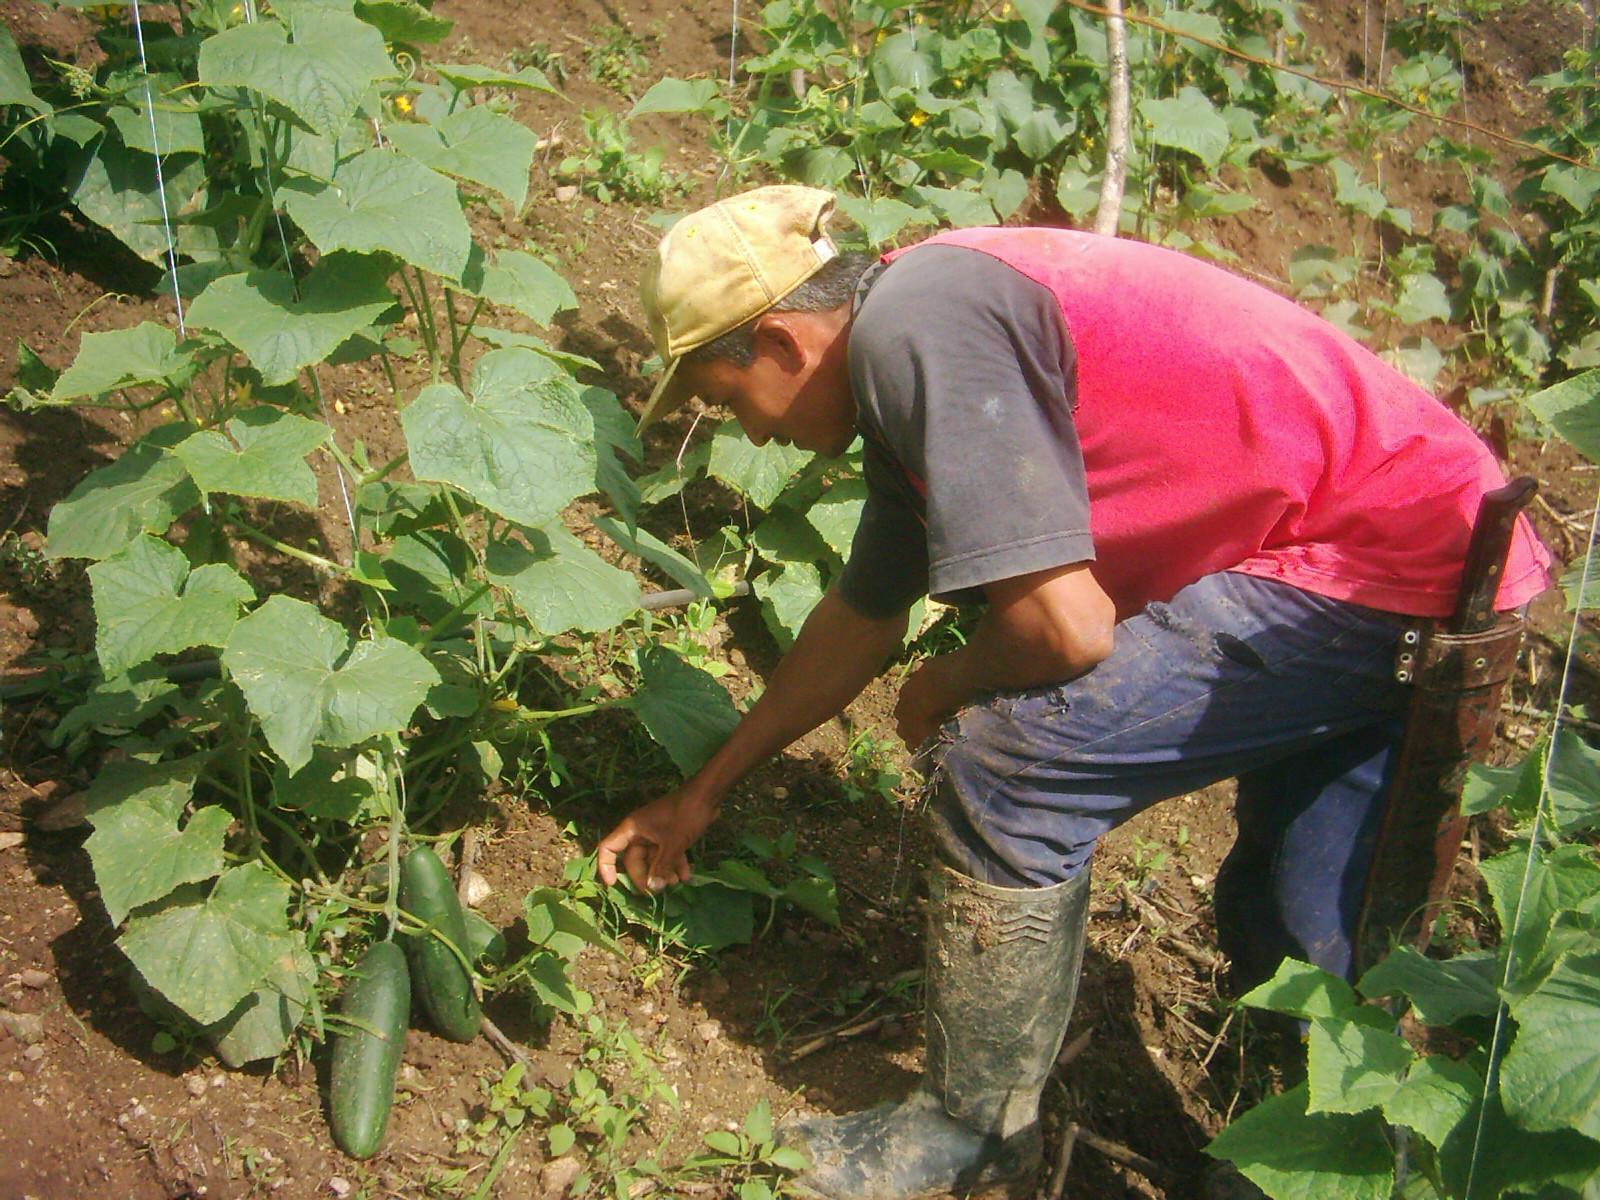 Imagenes De Campesinos